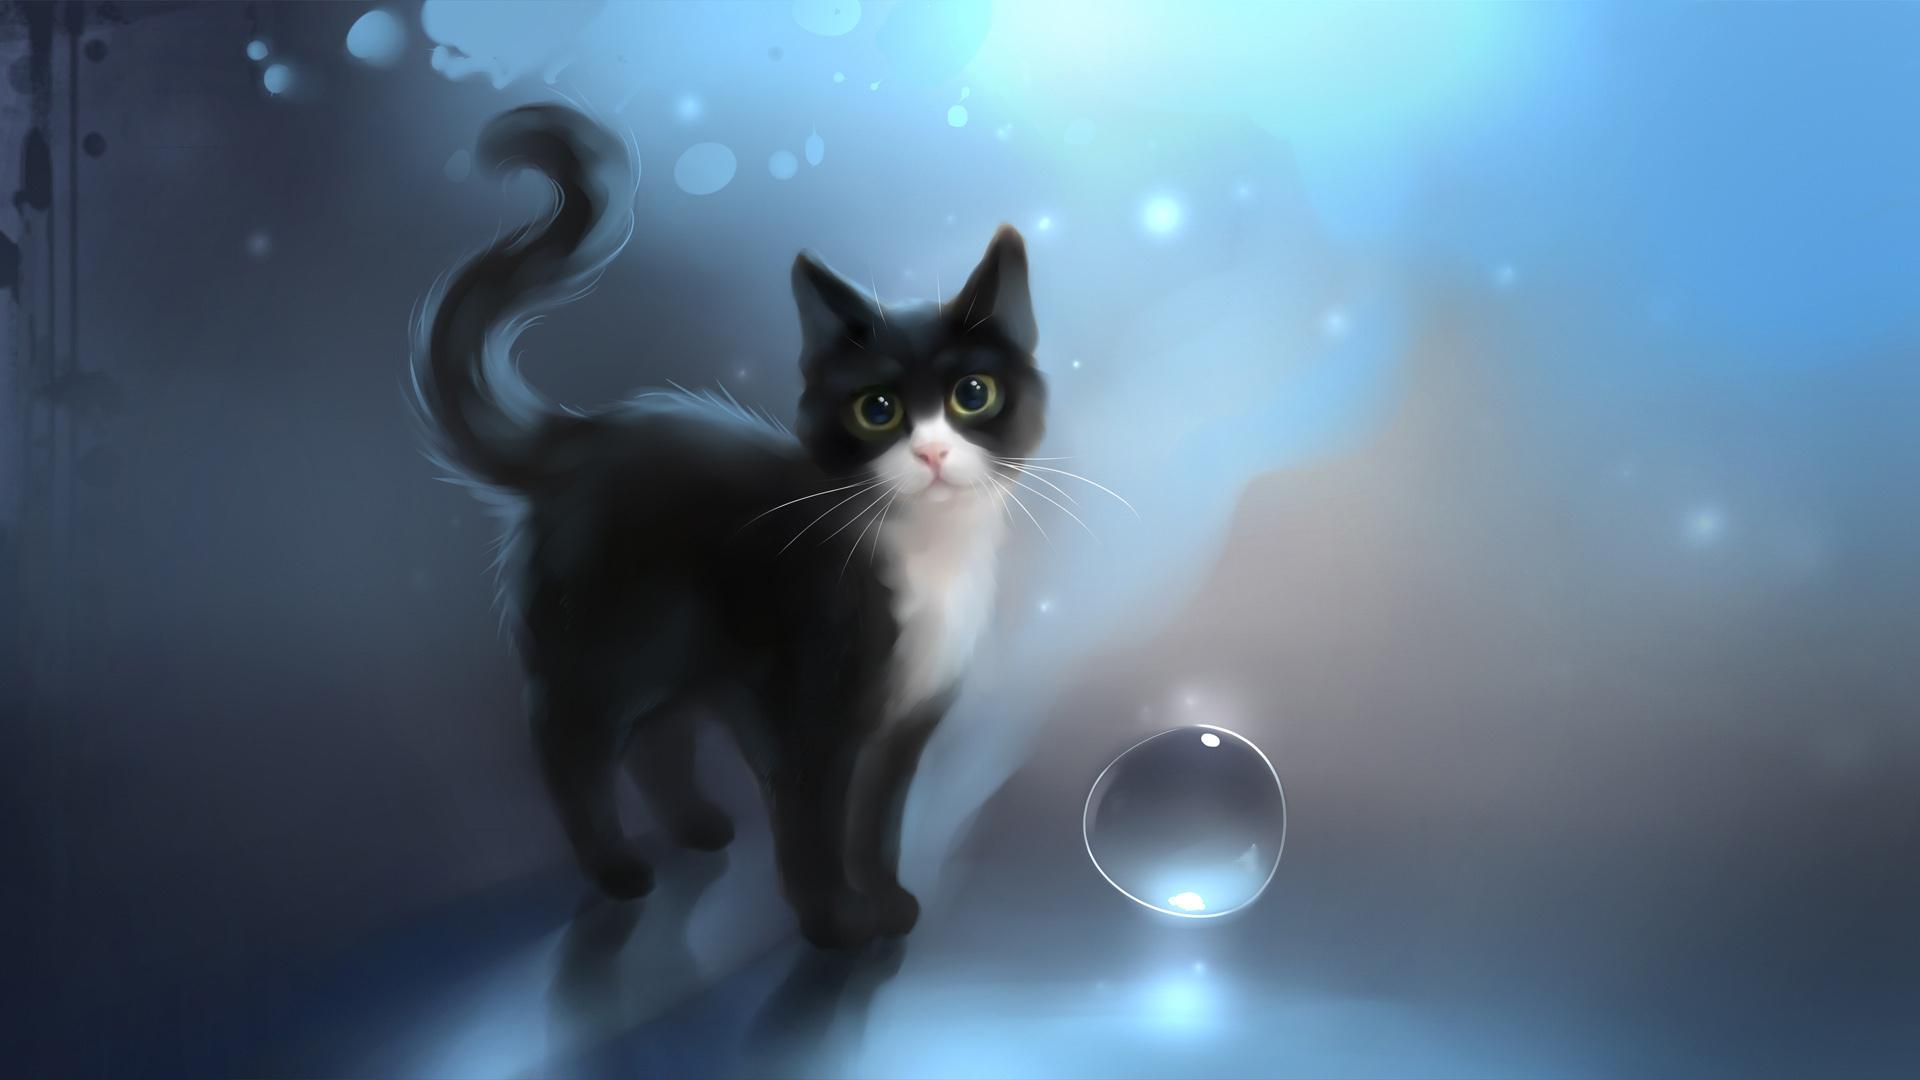 Надписью музыка, живые картинки для кошек на компьютере